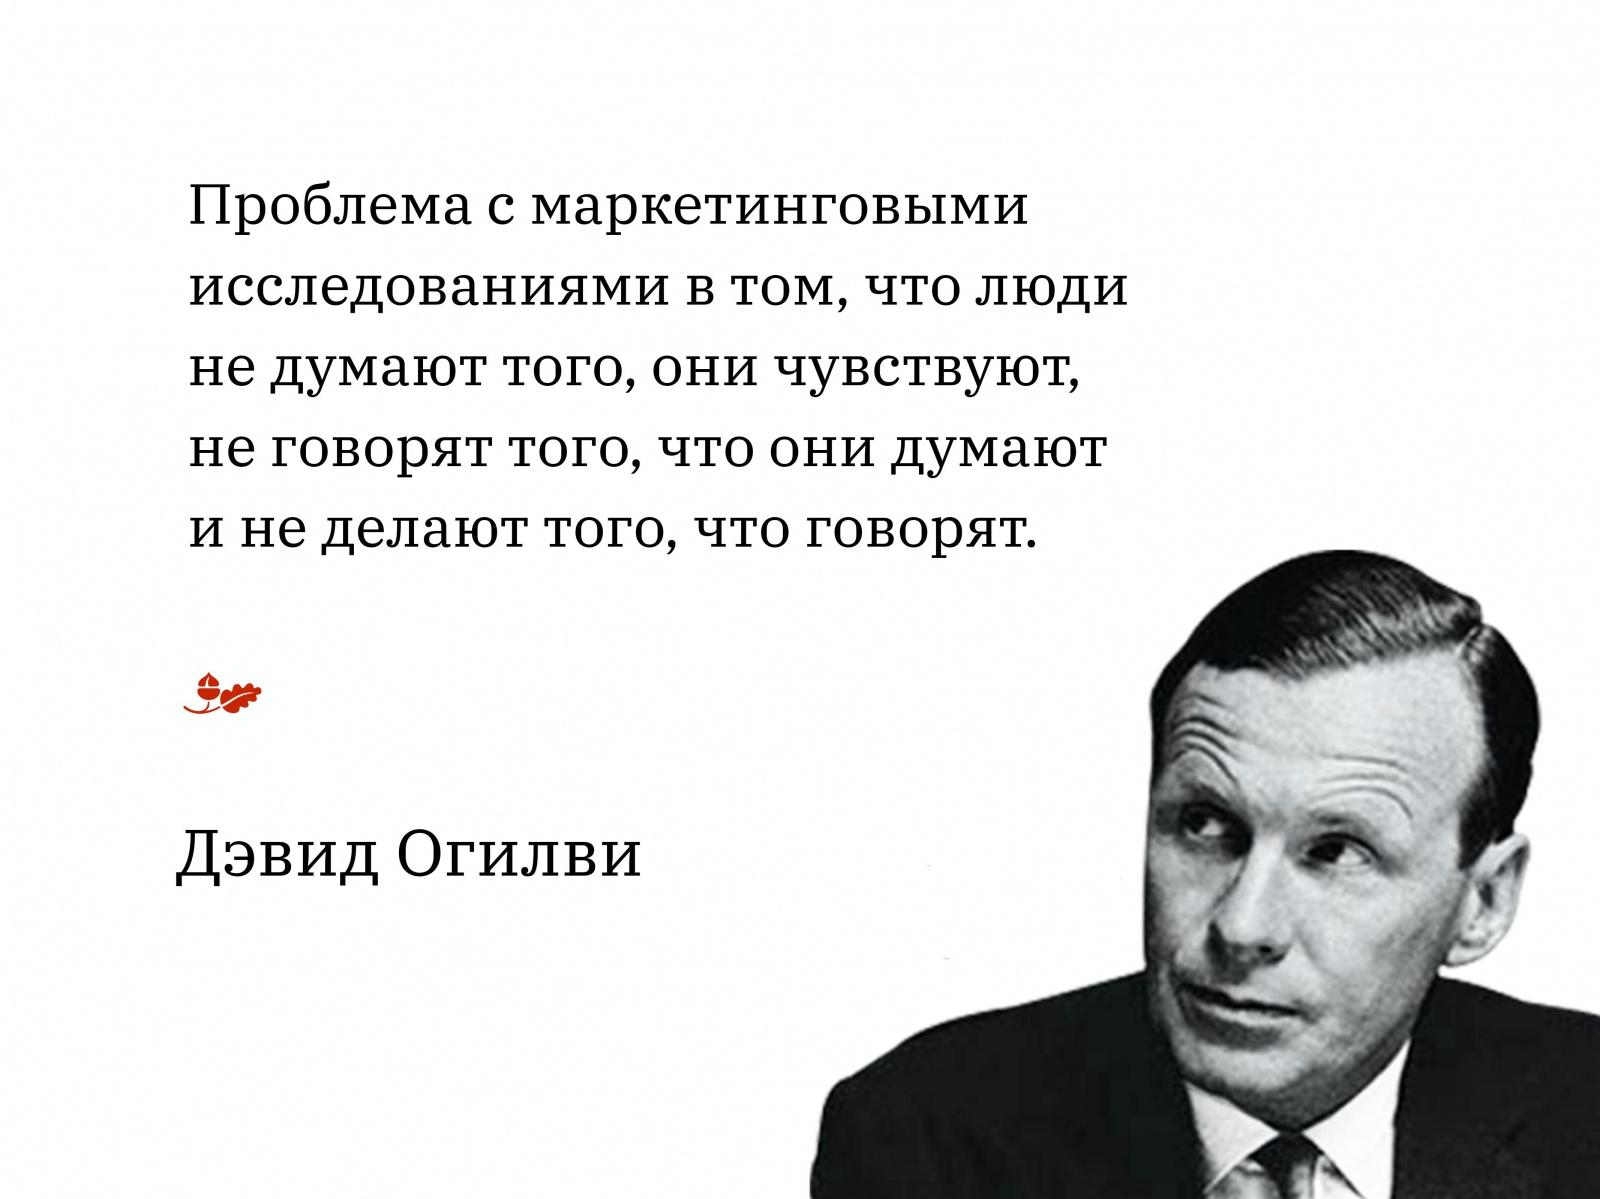 Алексей Каптерев: Критическое мышление 101 (часть 2) - 82